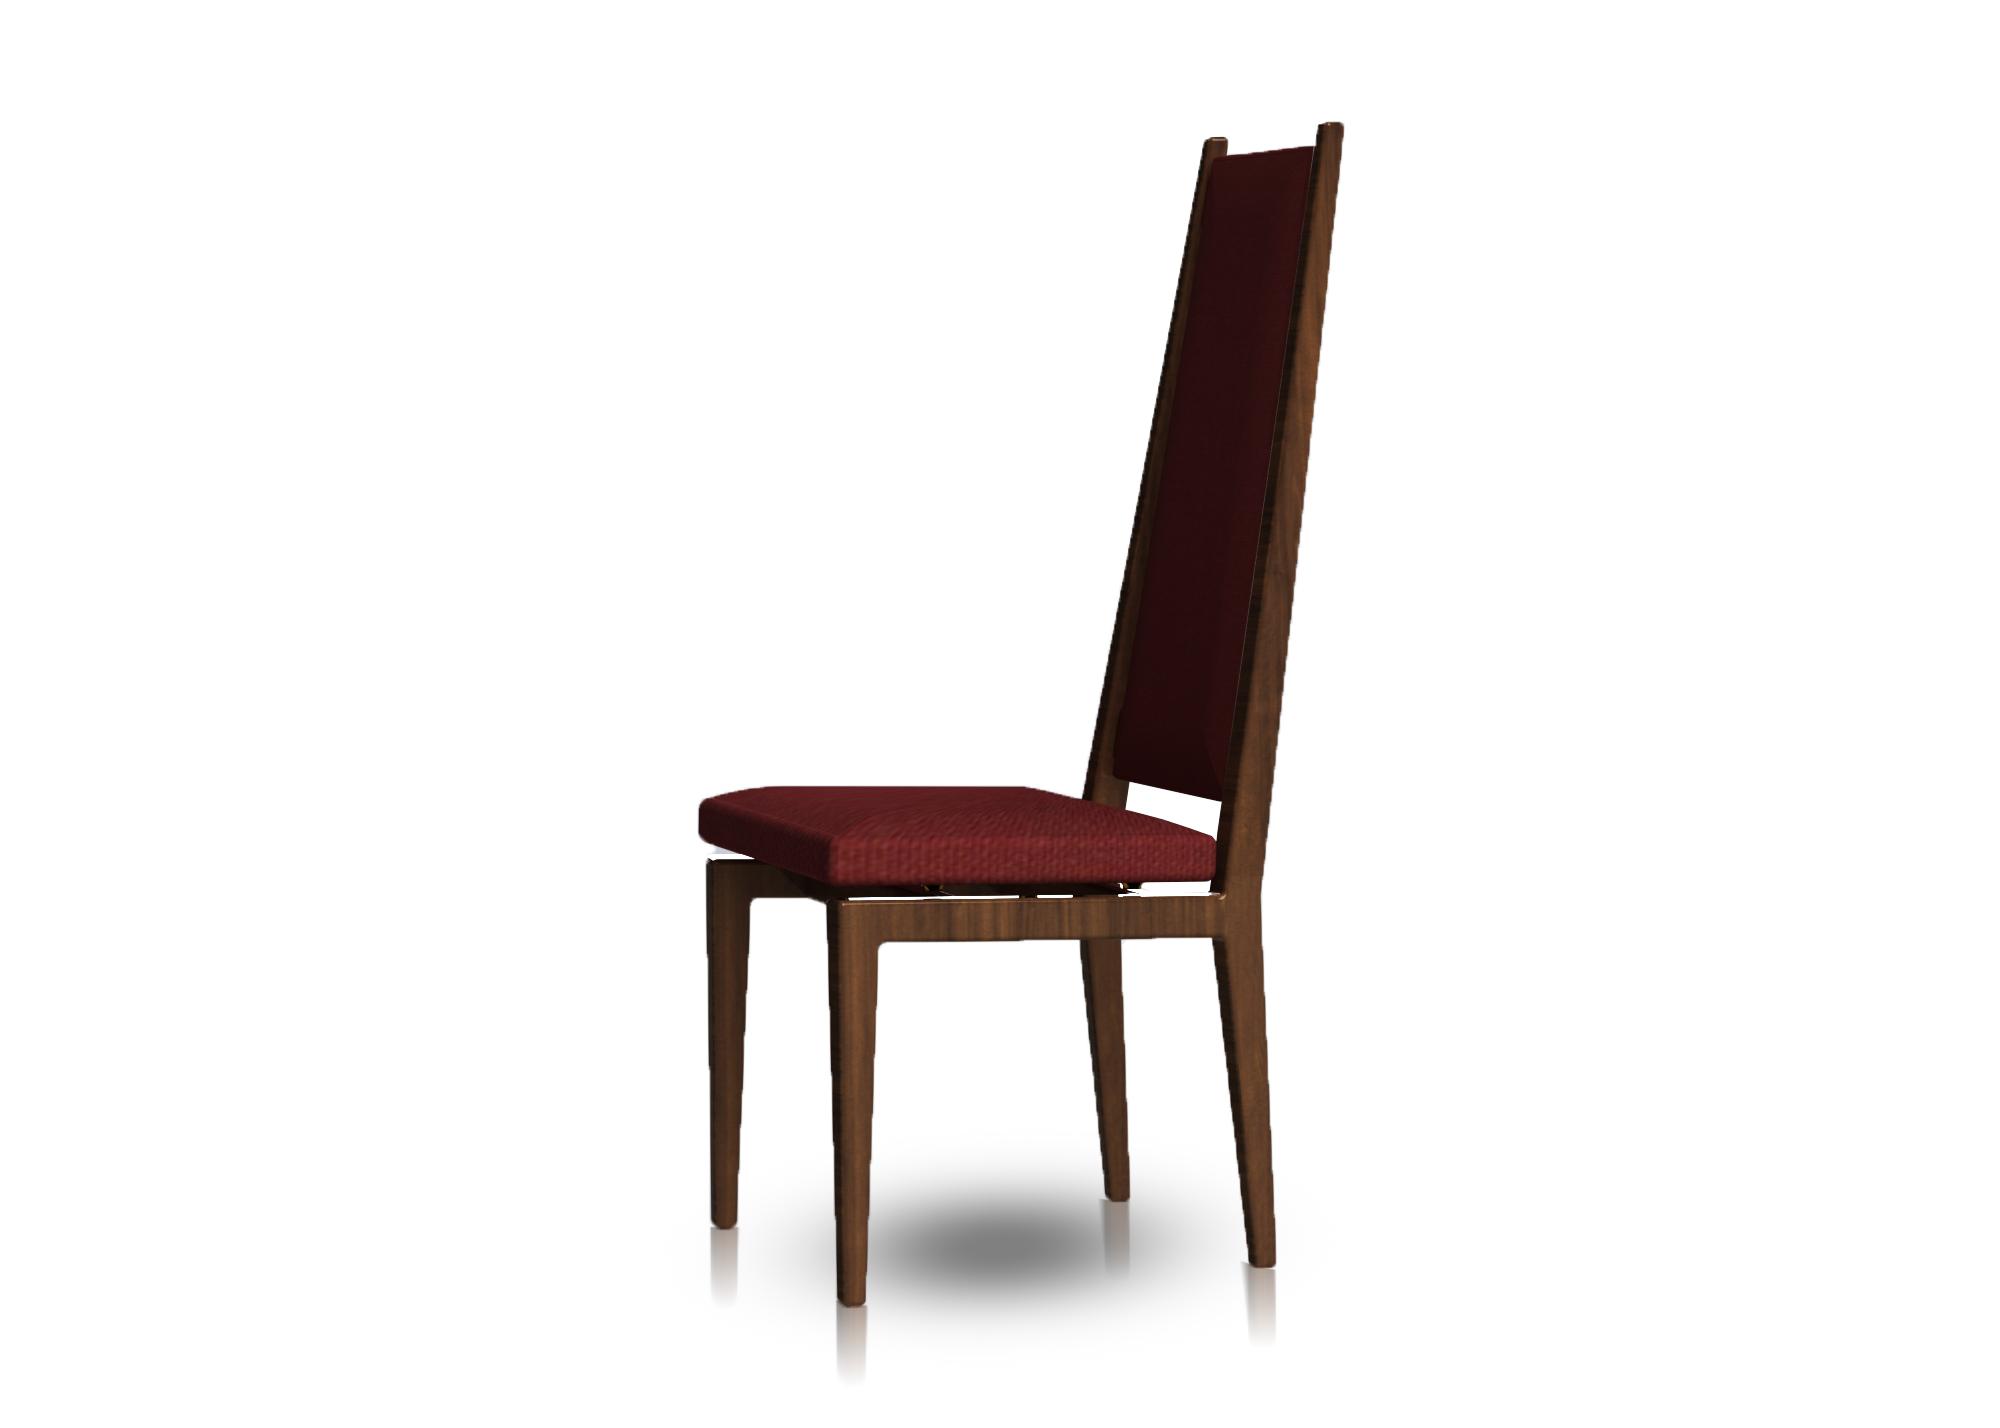 Mass_Chair_2.jpg